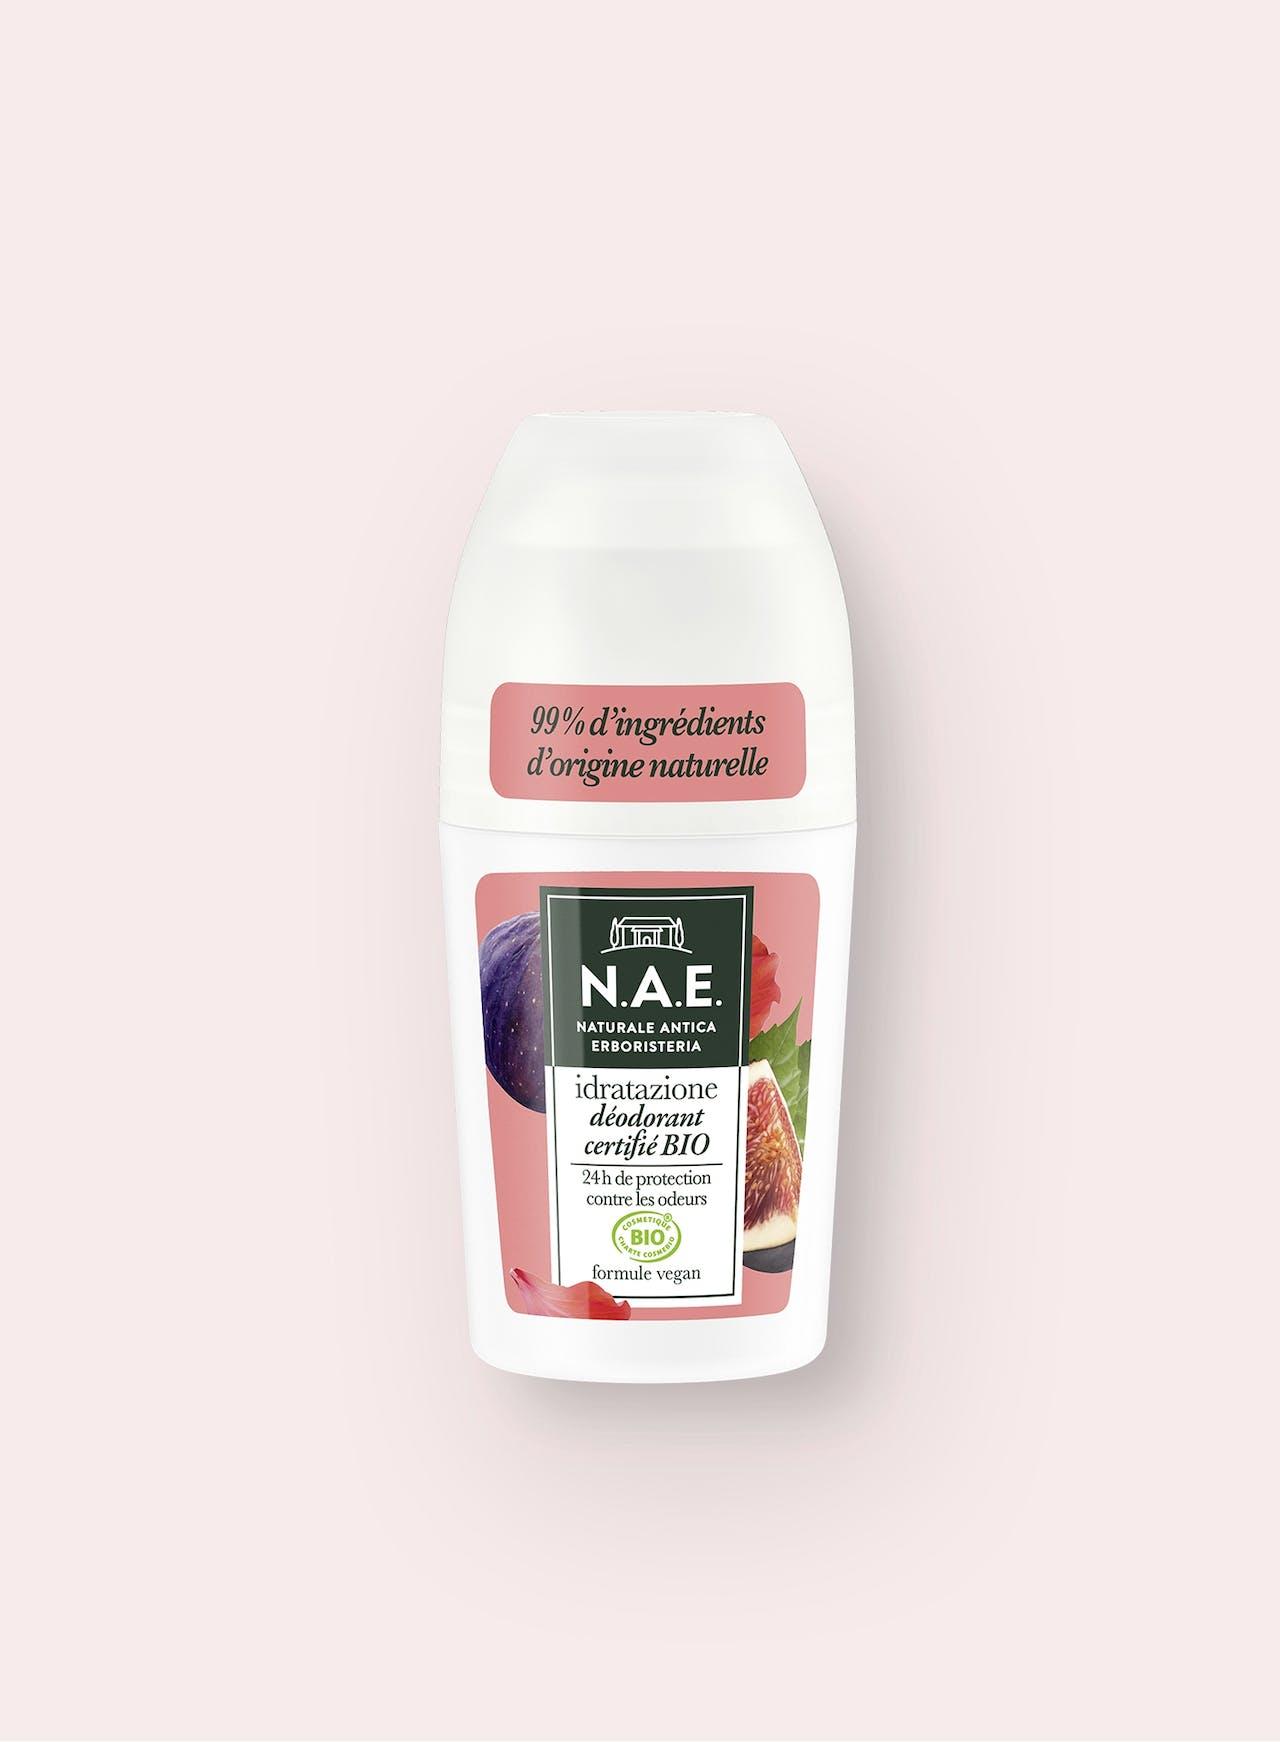 Idratazione déodorant